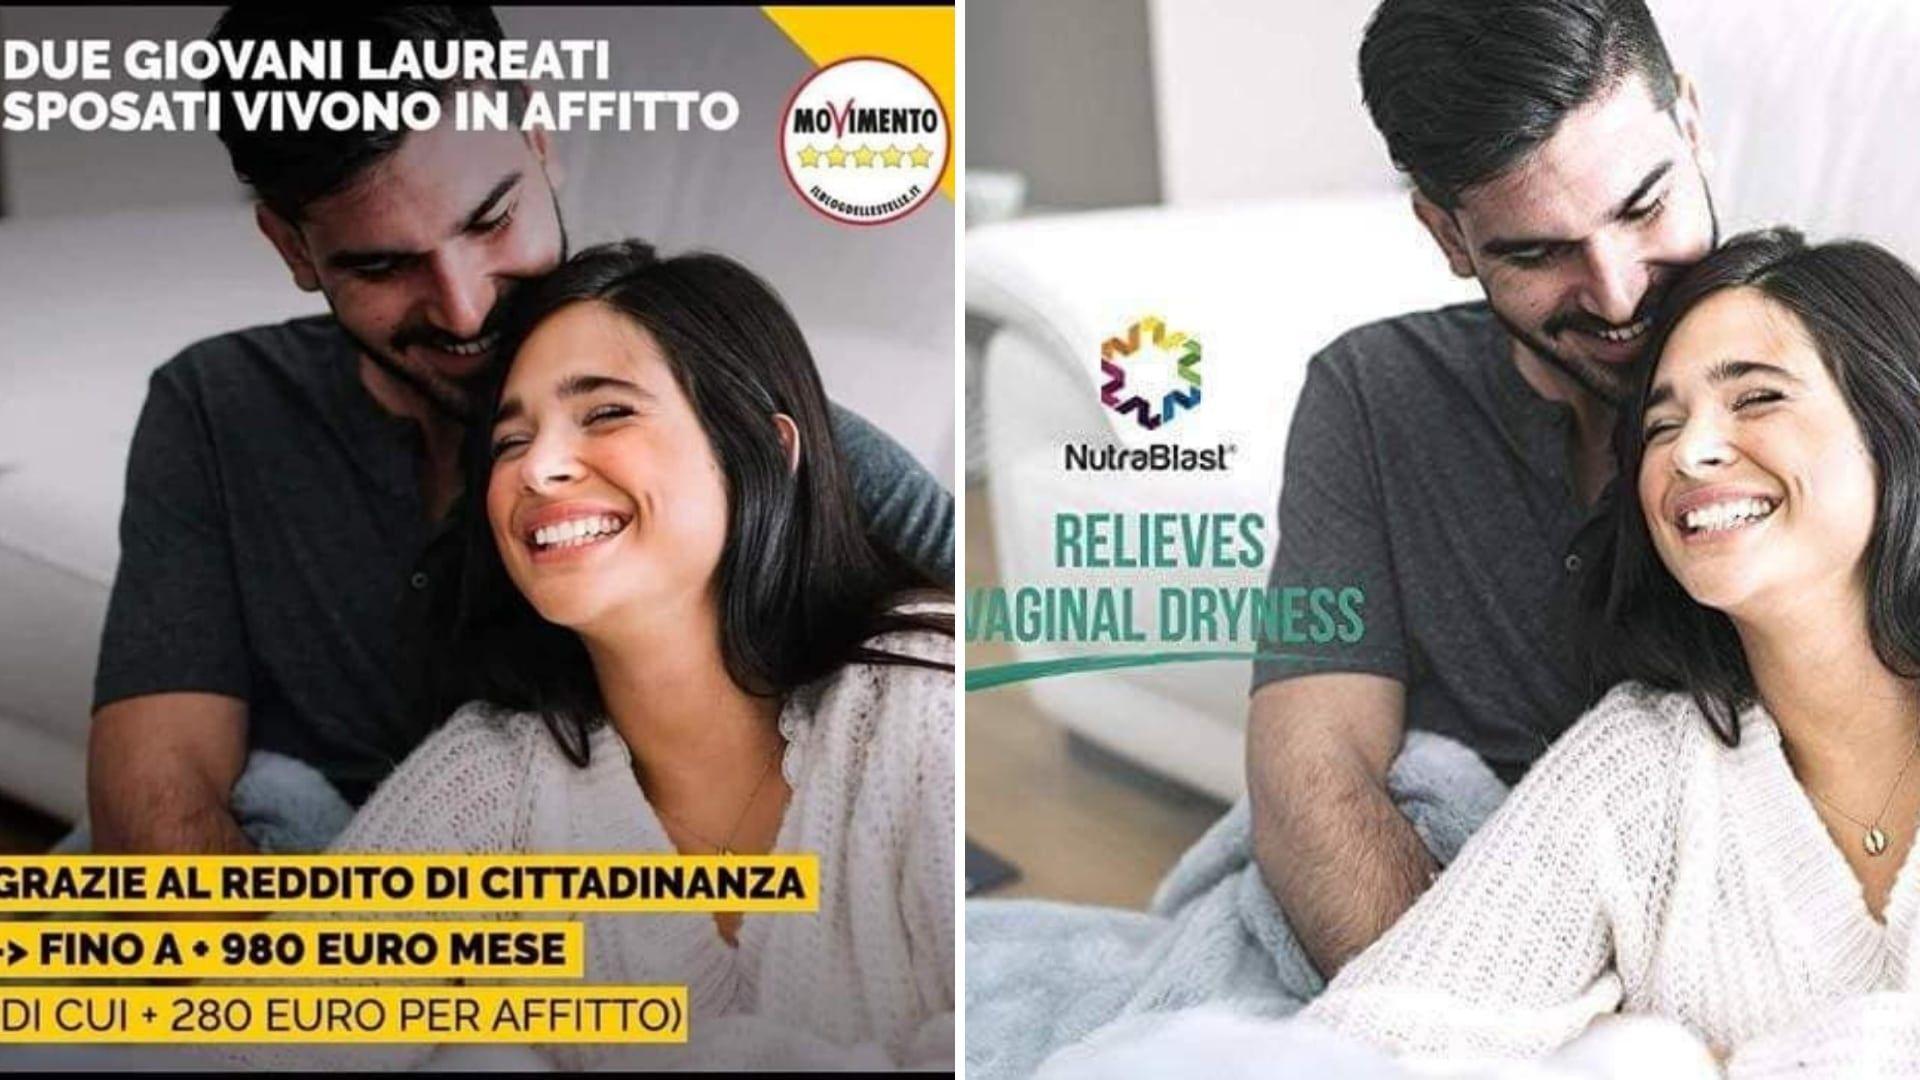 Reddito di cittadinanza e secchezza vaginale! la stessa foto per due spot